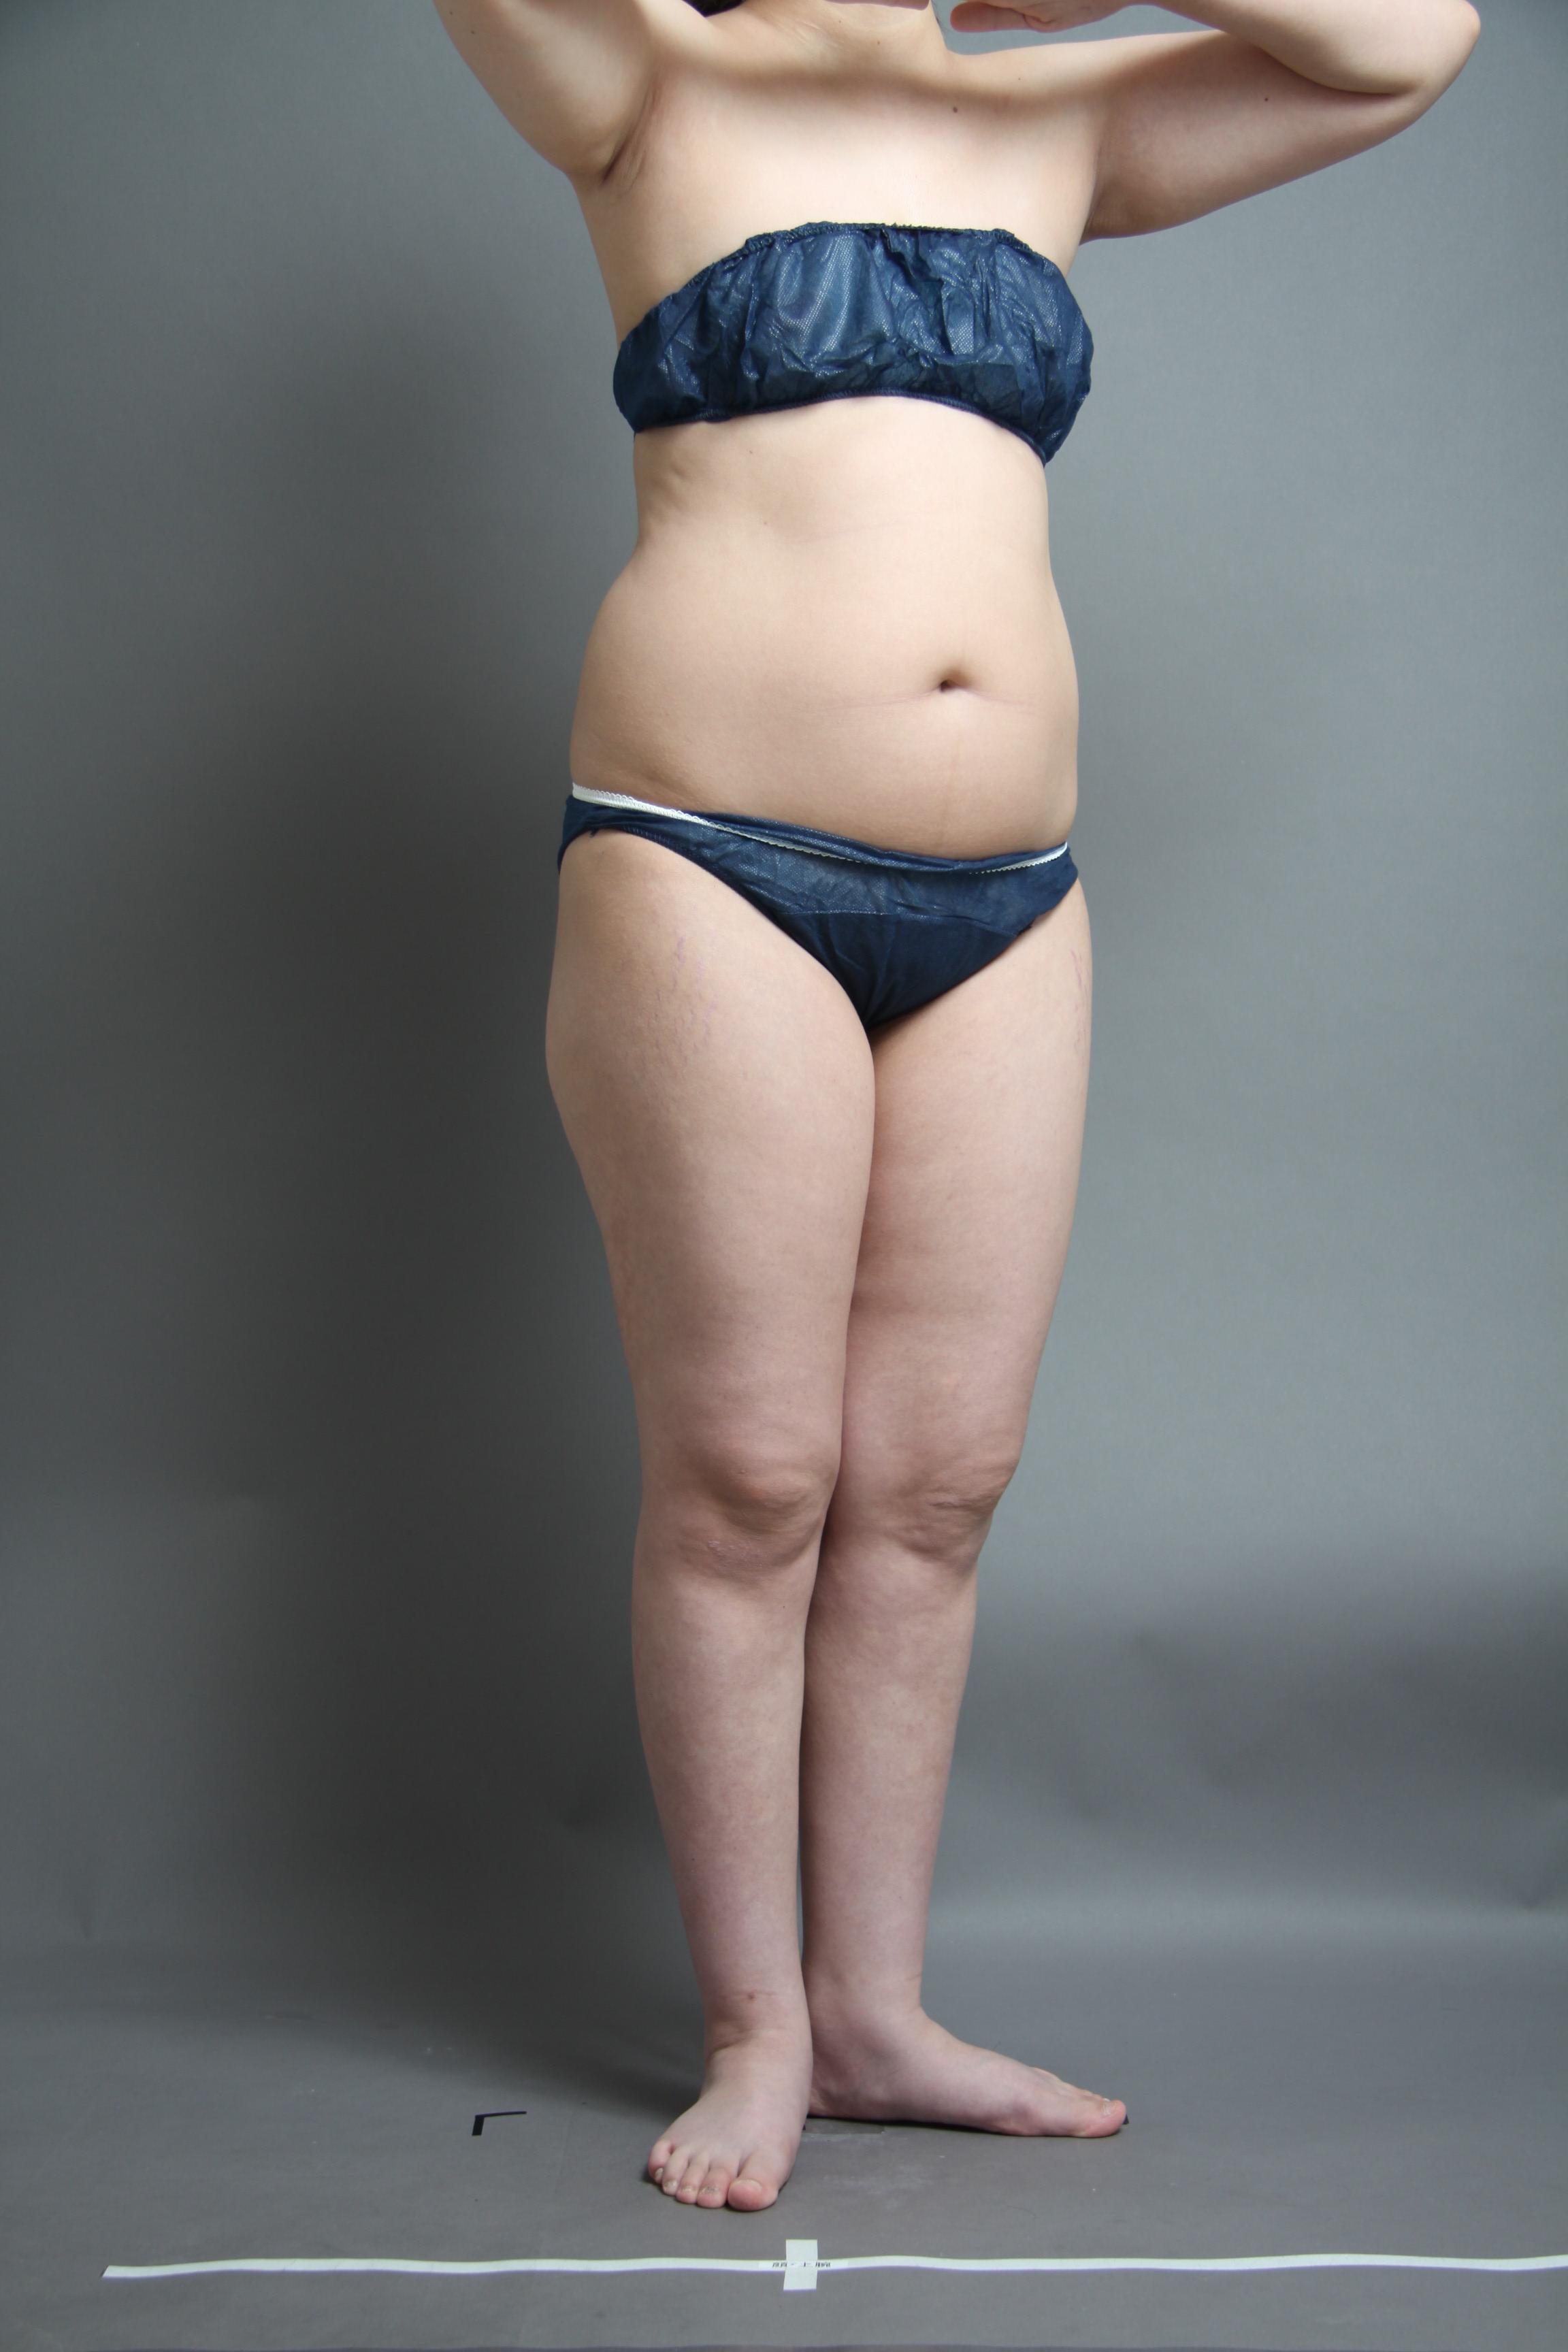 全身の脂肪吸引〜ベイザーリポで人生が変わる?! 〜